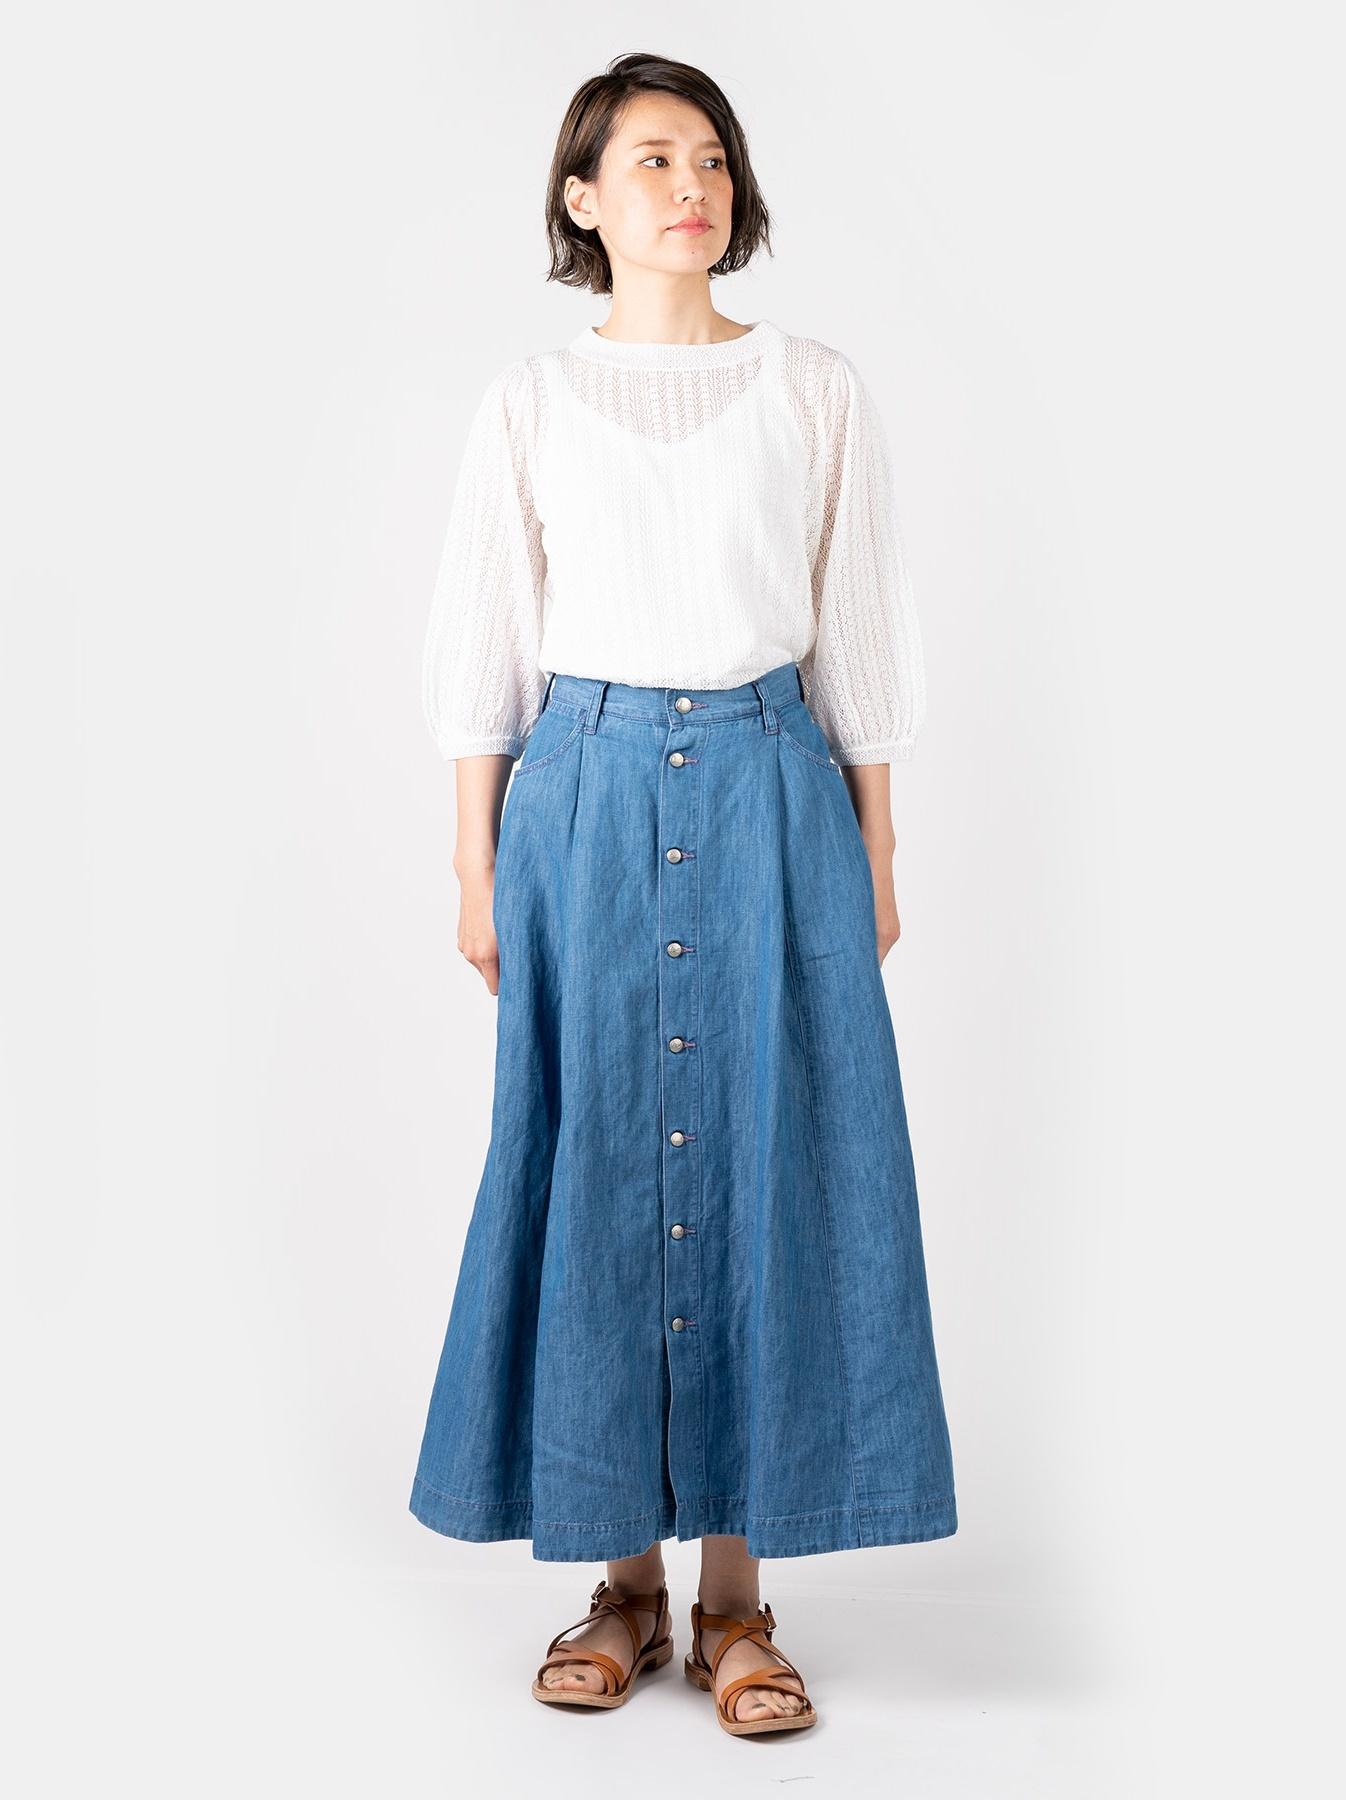 WH Cotton Linen Mon-petit Skirt-2